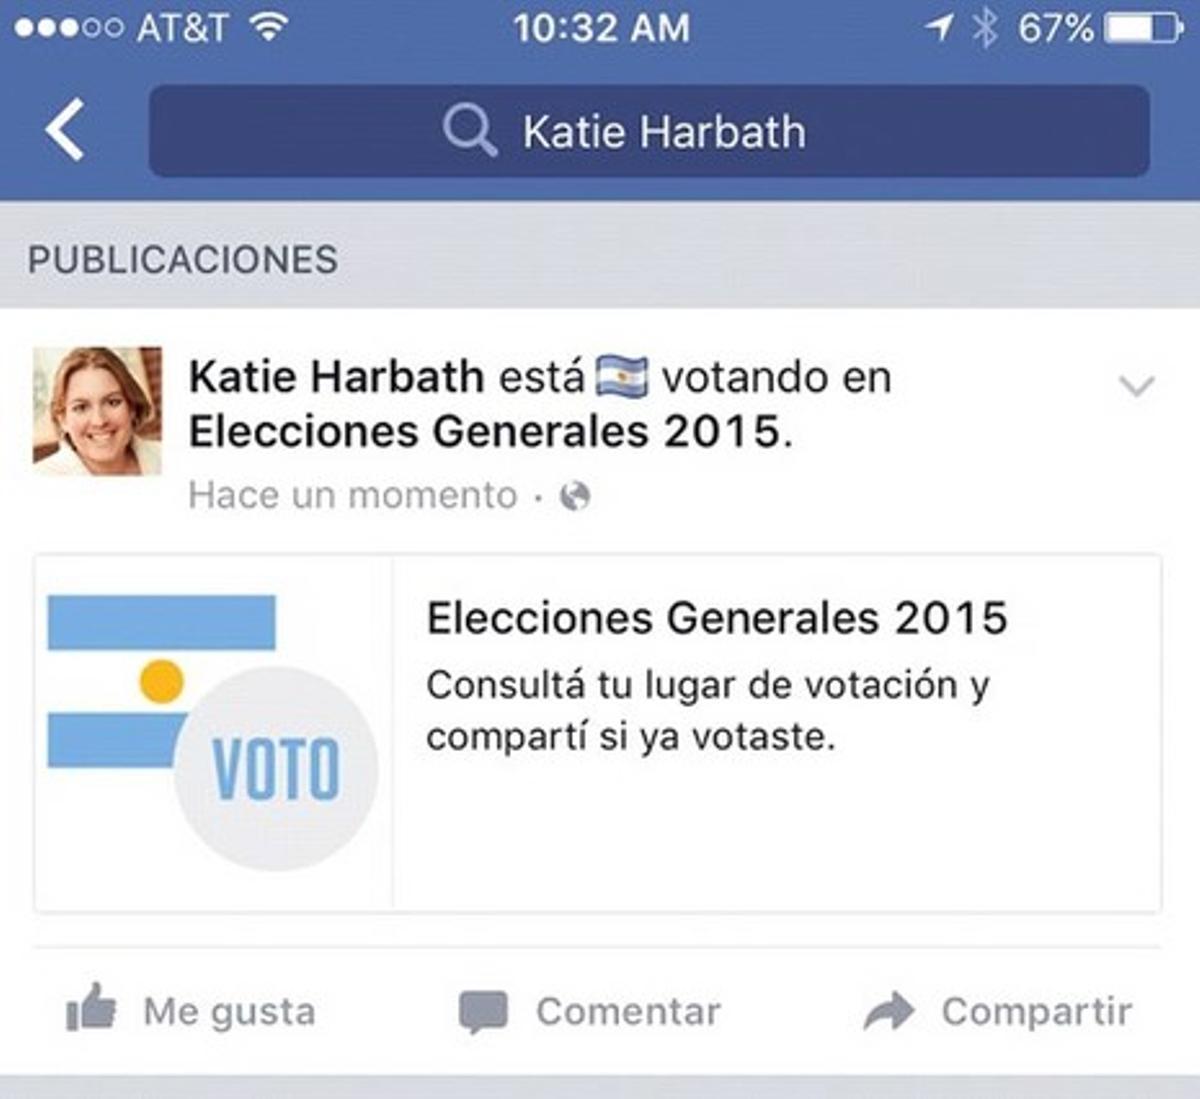 Las elecciones argentinas fueron escenario de la consolidación del botón 'Ya voté' en Facebook